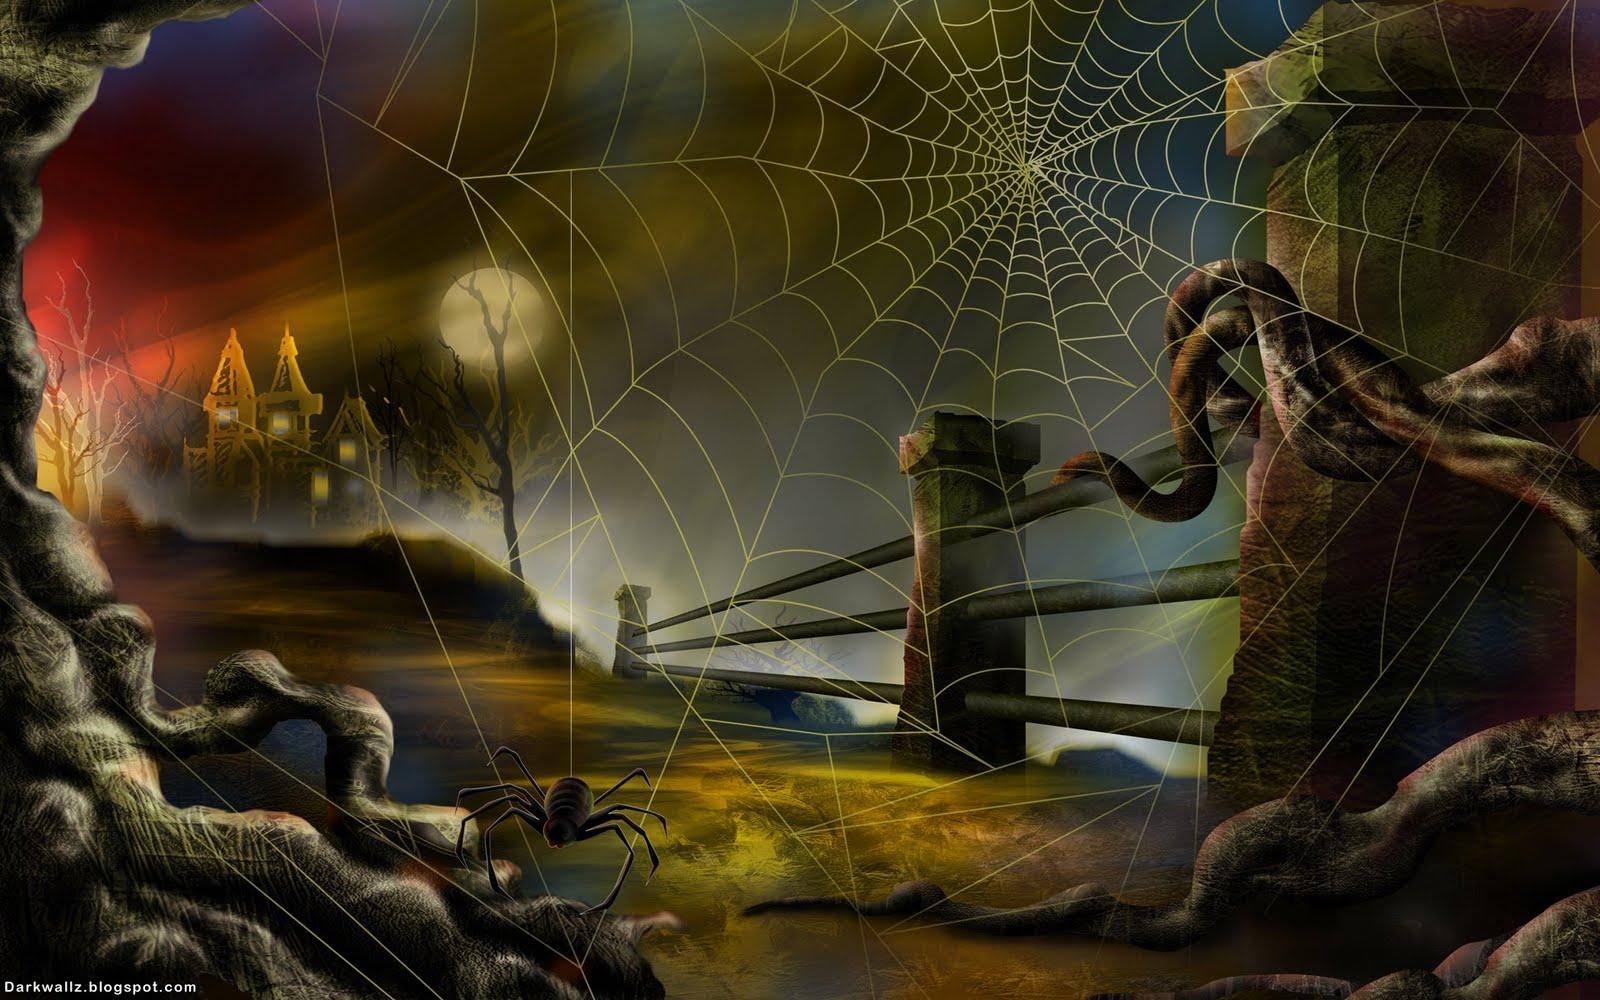 Halloween Wallpapers 47 | Dark Wallpaper Download